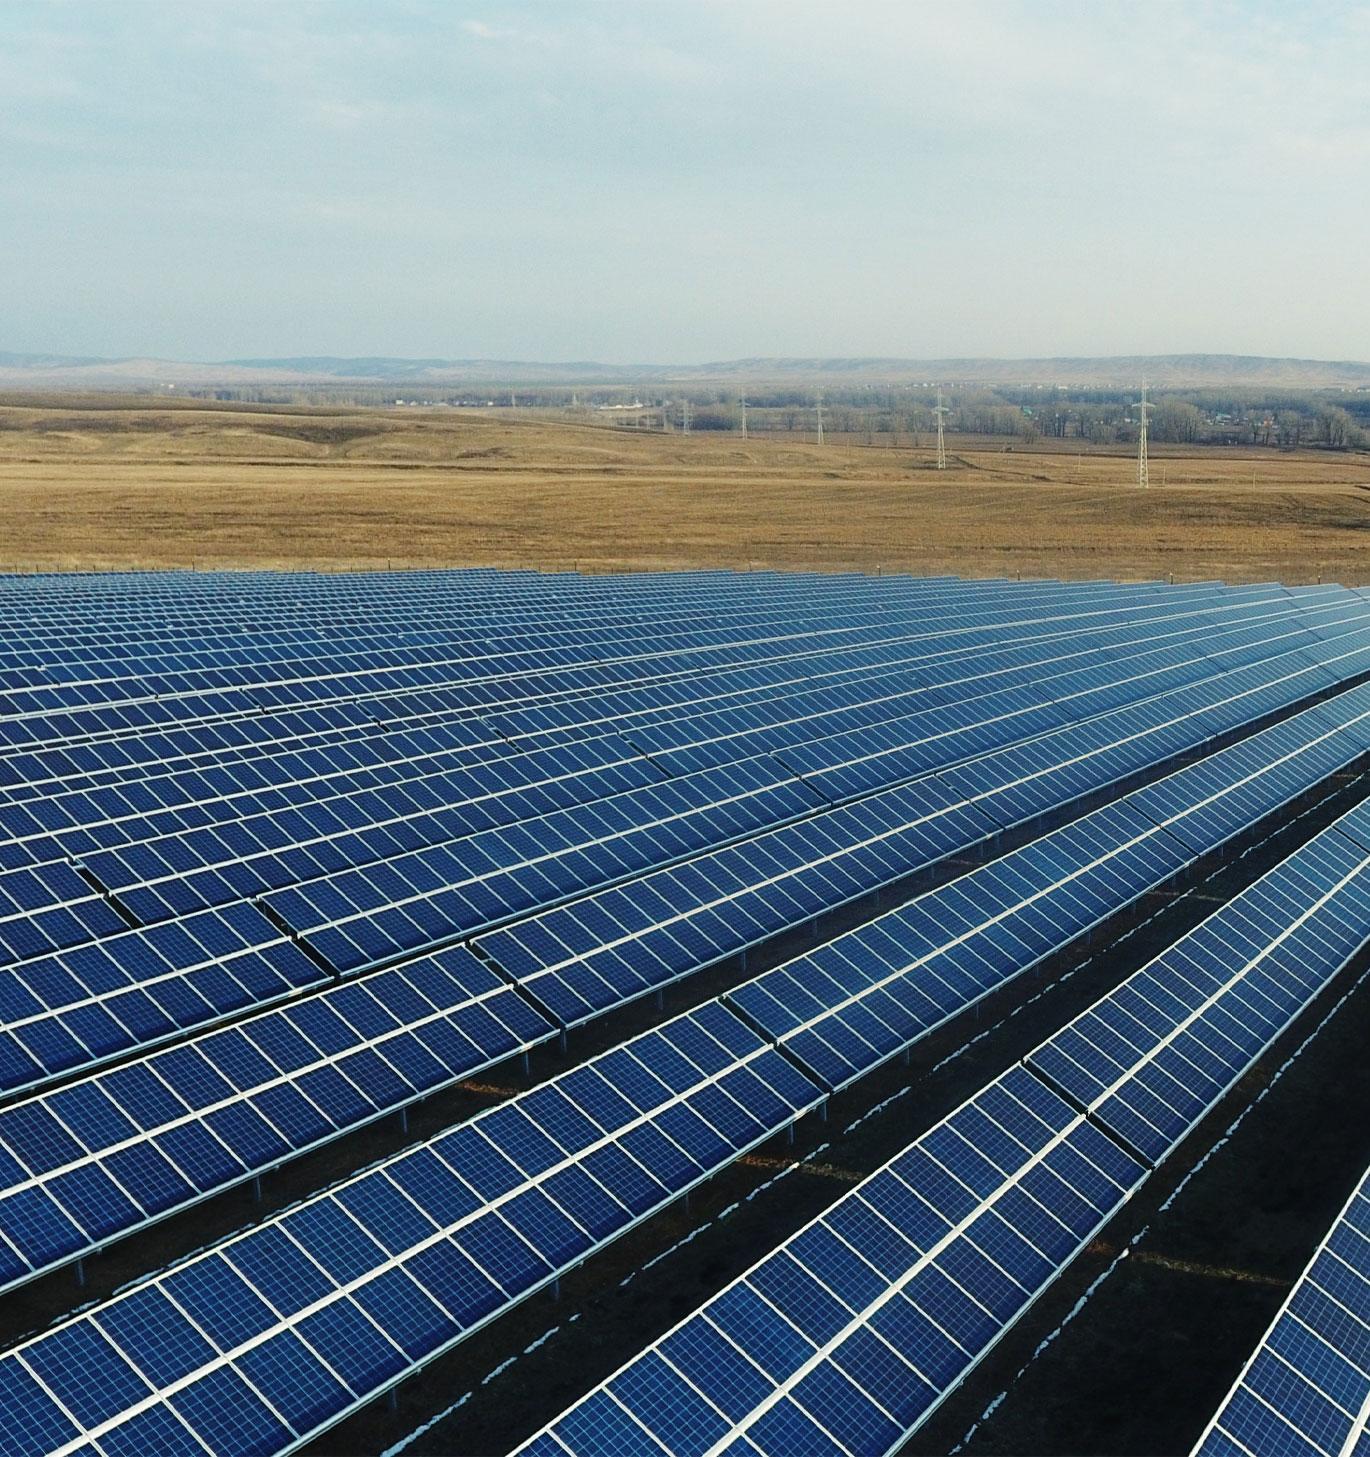 Исследование несубсидируемого рынка солнечной энергетики презентуют онлайн